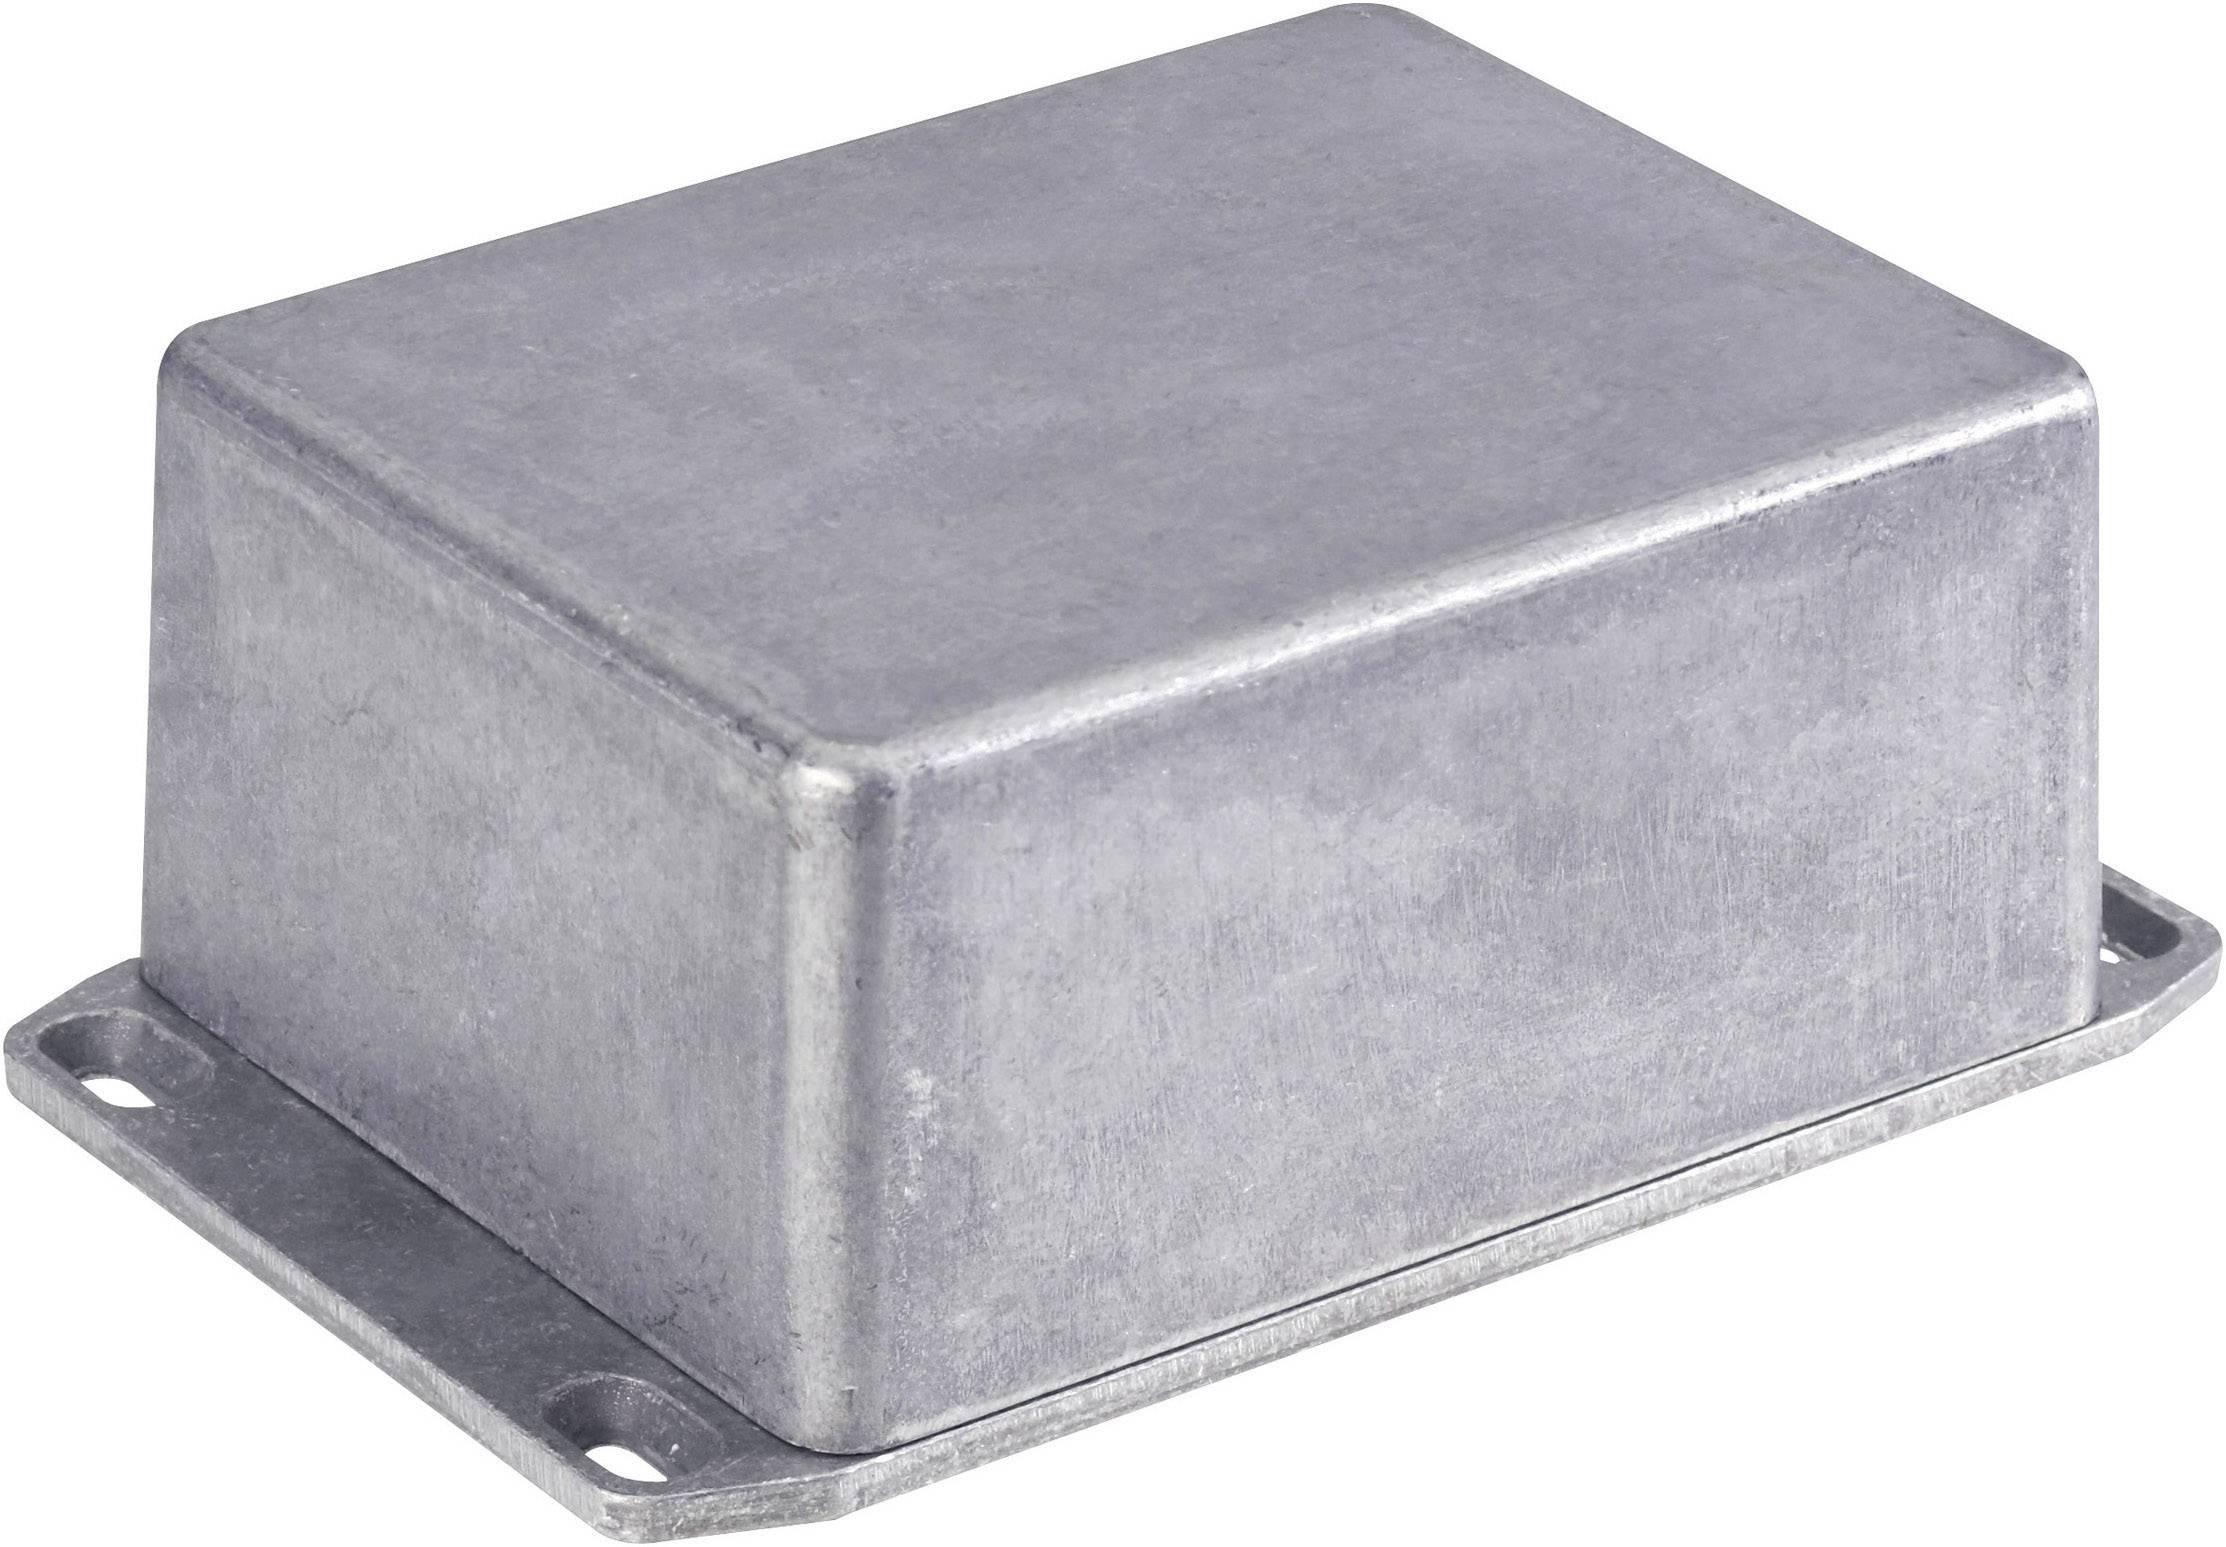 Tlakem lité hliníkové pouzdro Hammond Electronics 1590LBFLBK, (d x š x v) 50,5 x 50,5 x 31 mm, černá